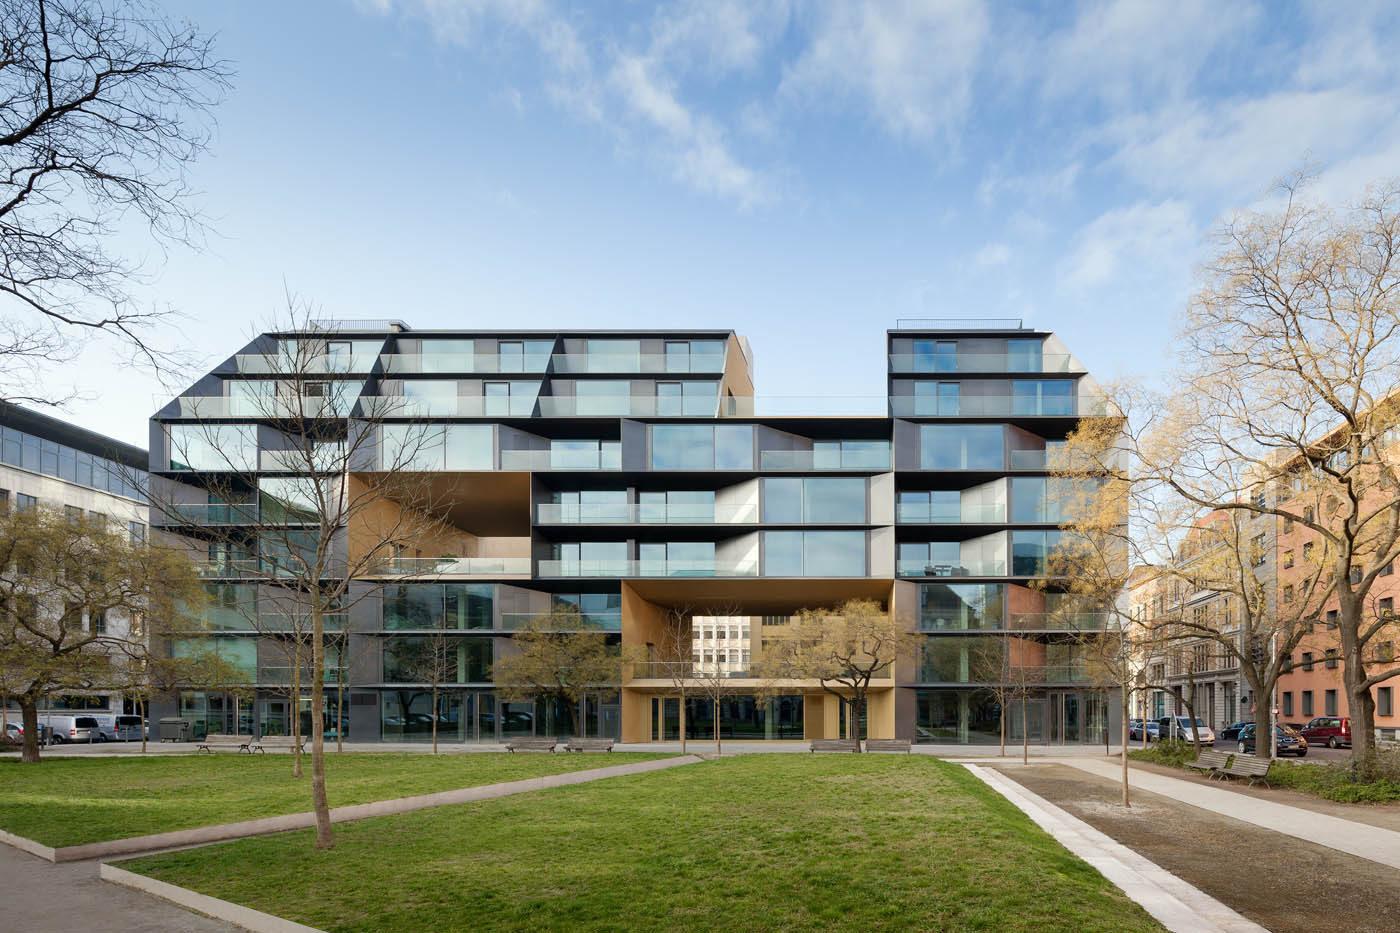 Architekturfotografie Axthelm Rolvien Architekturdokumentation Lux Mitte Berlin